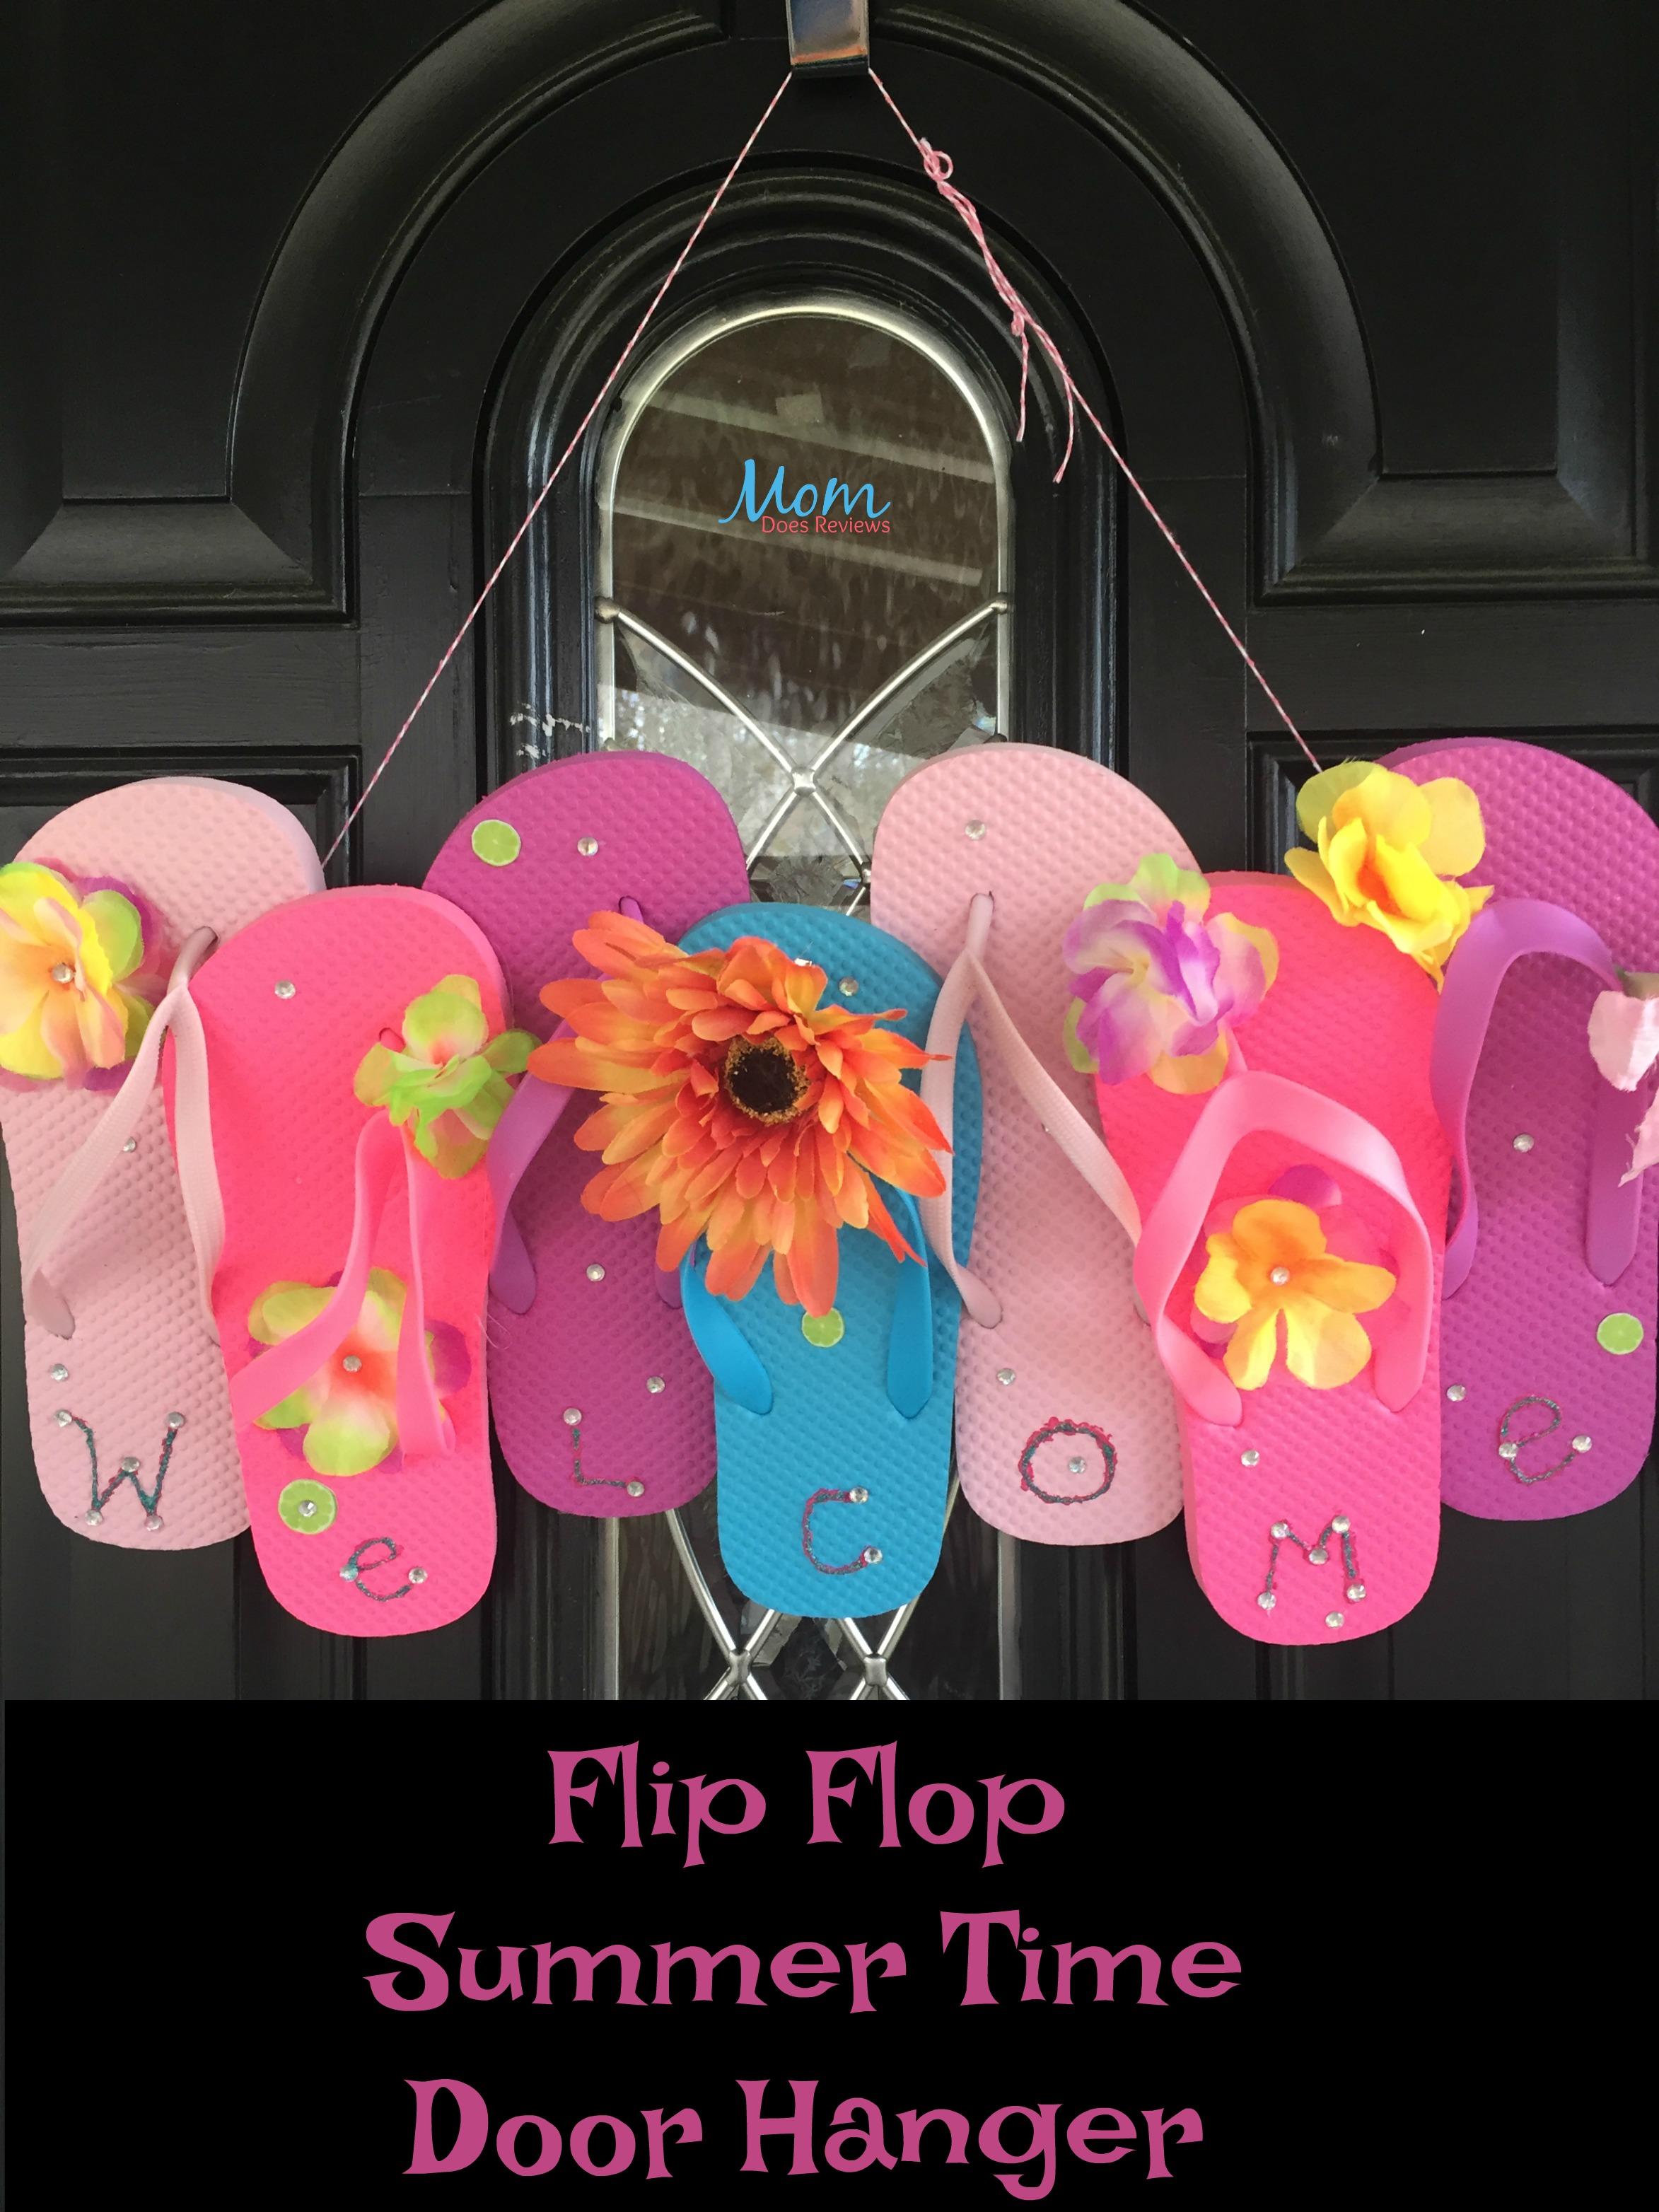 make a fun flip flop summer time door hanger craft